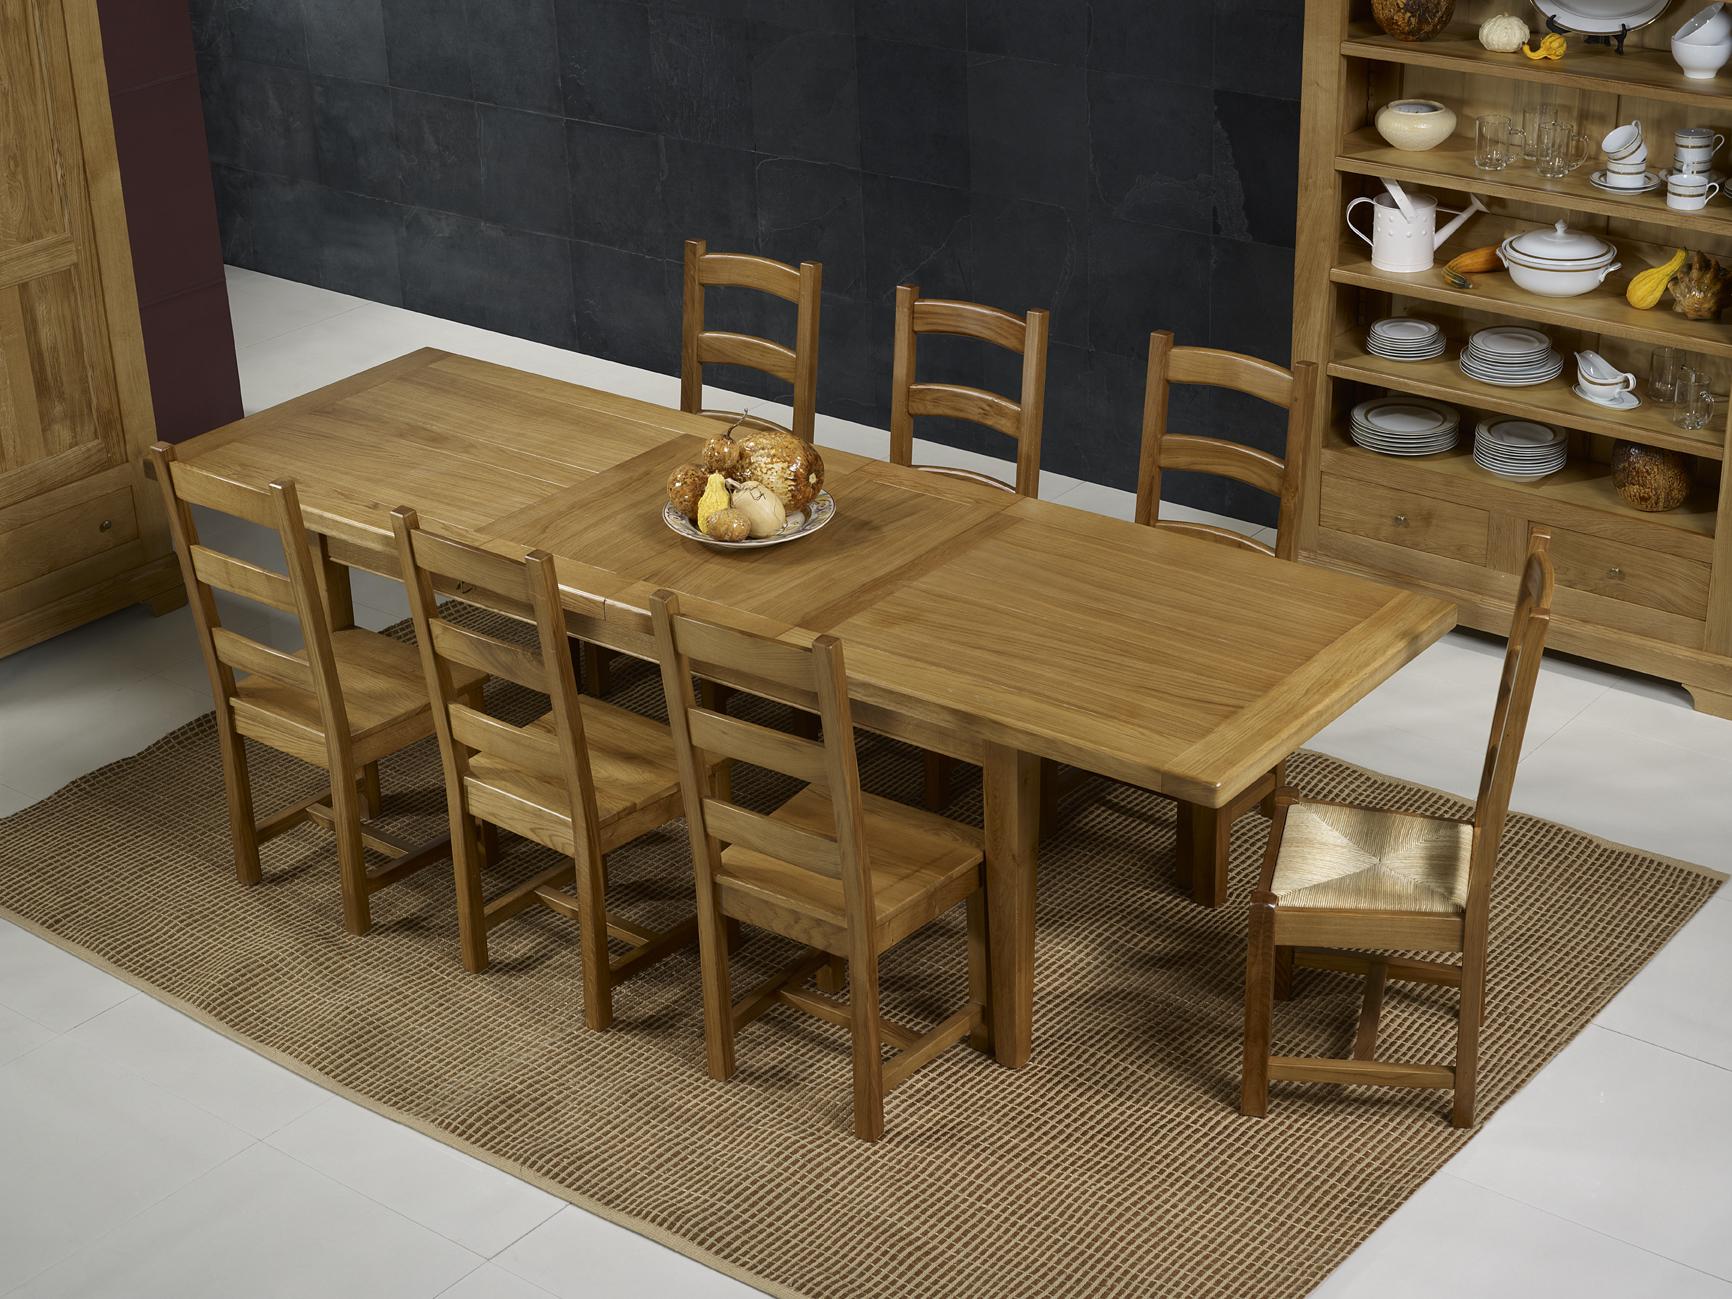 Table de ferme rectangulaire francois en ch ne massif 220 for Table en chene massif avec rallonges